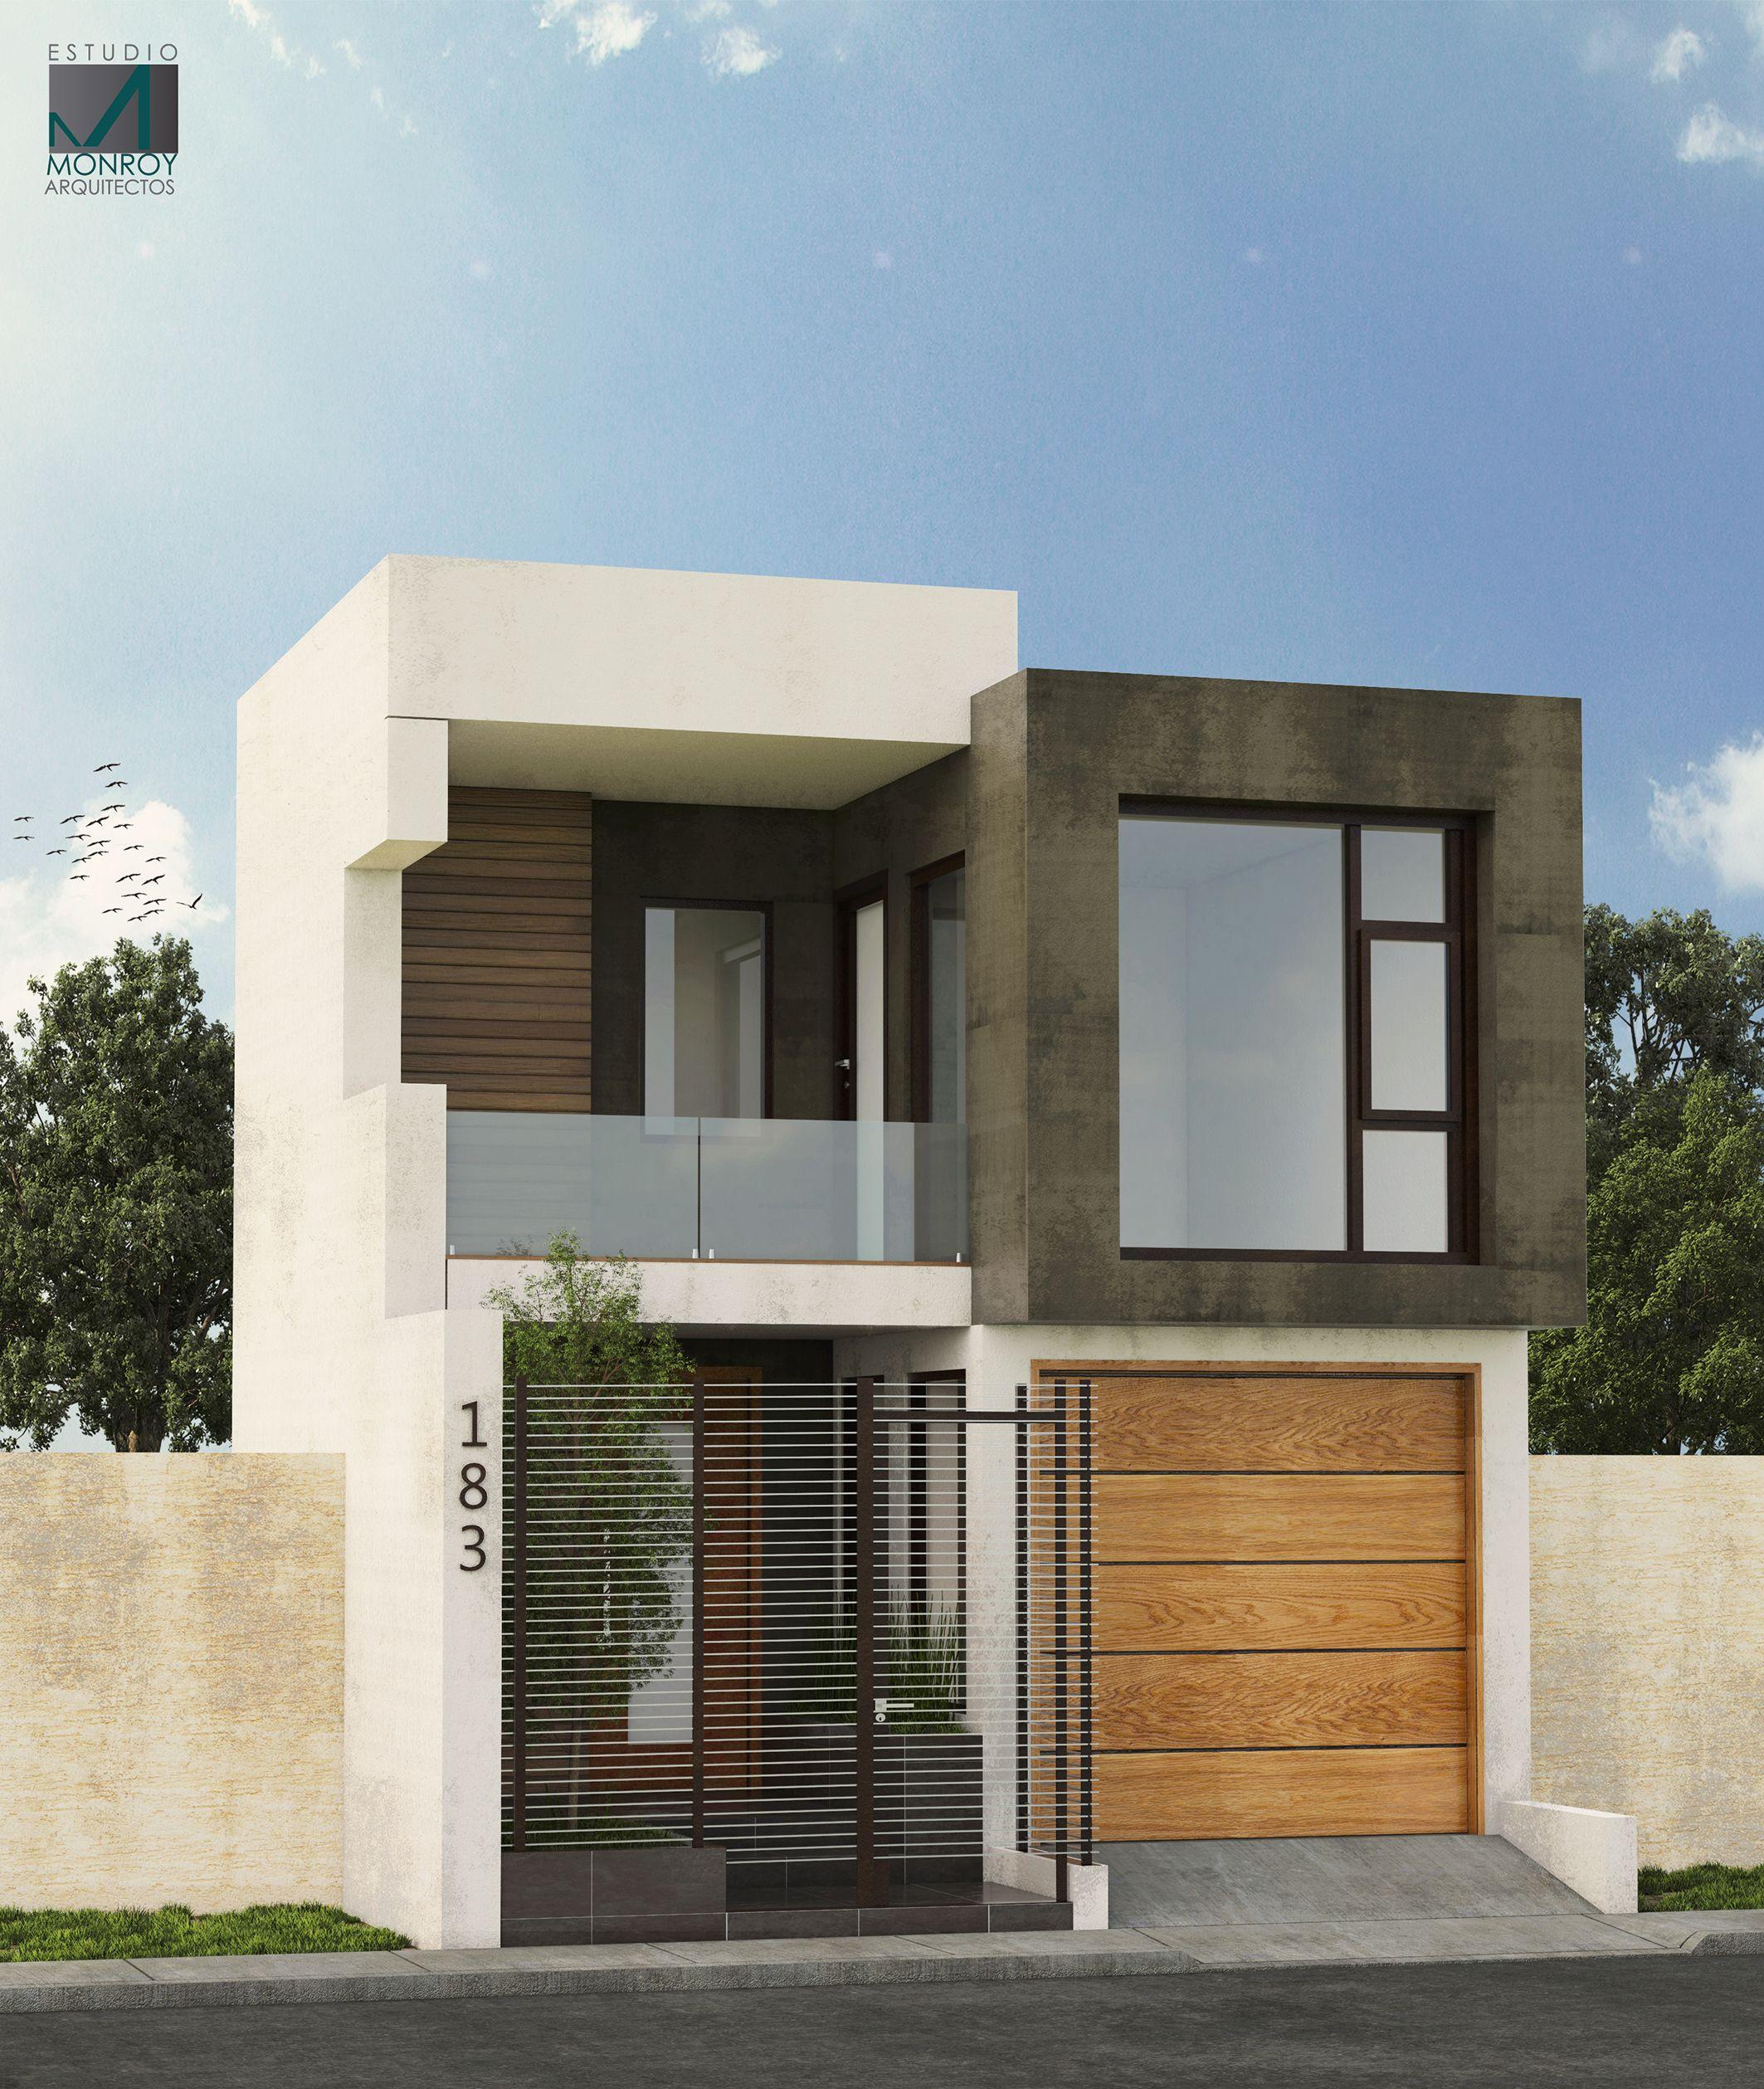 Remodelaci n fachada contempor nea propuesta 3 for Remodelacion de casas